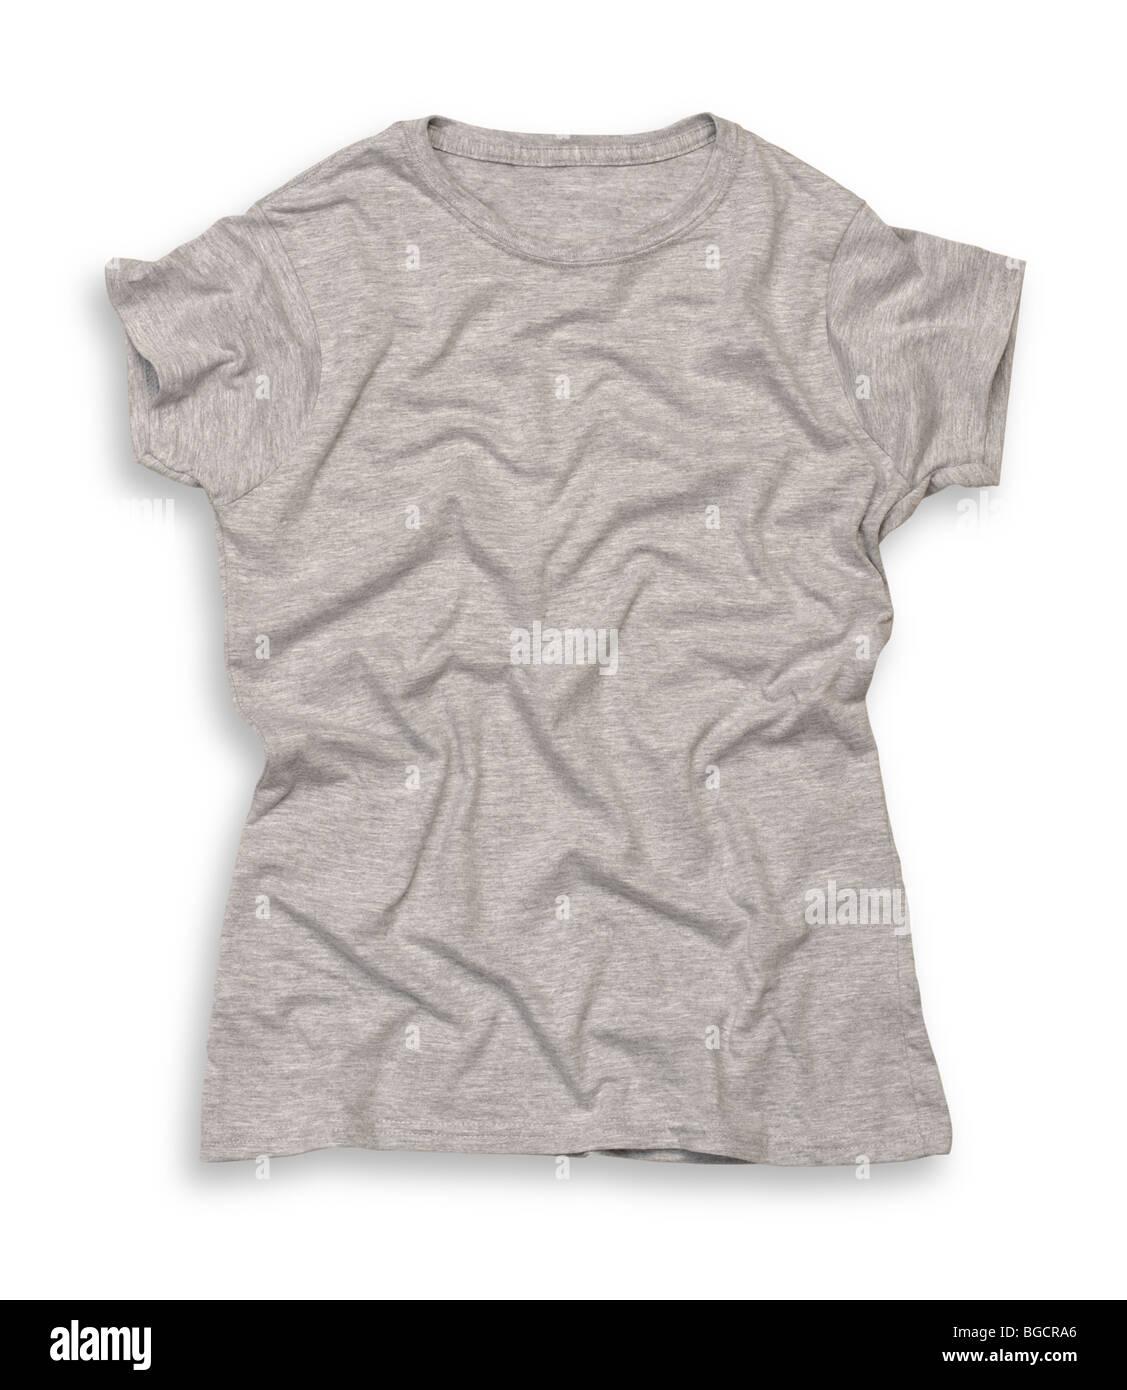 Grey tee shirt - Stock Image